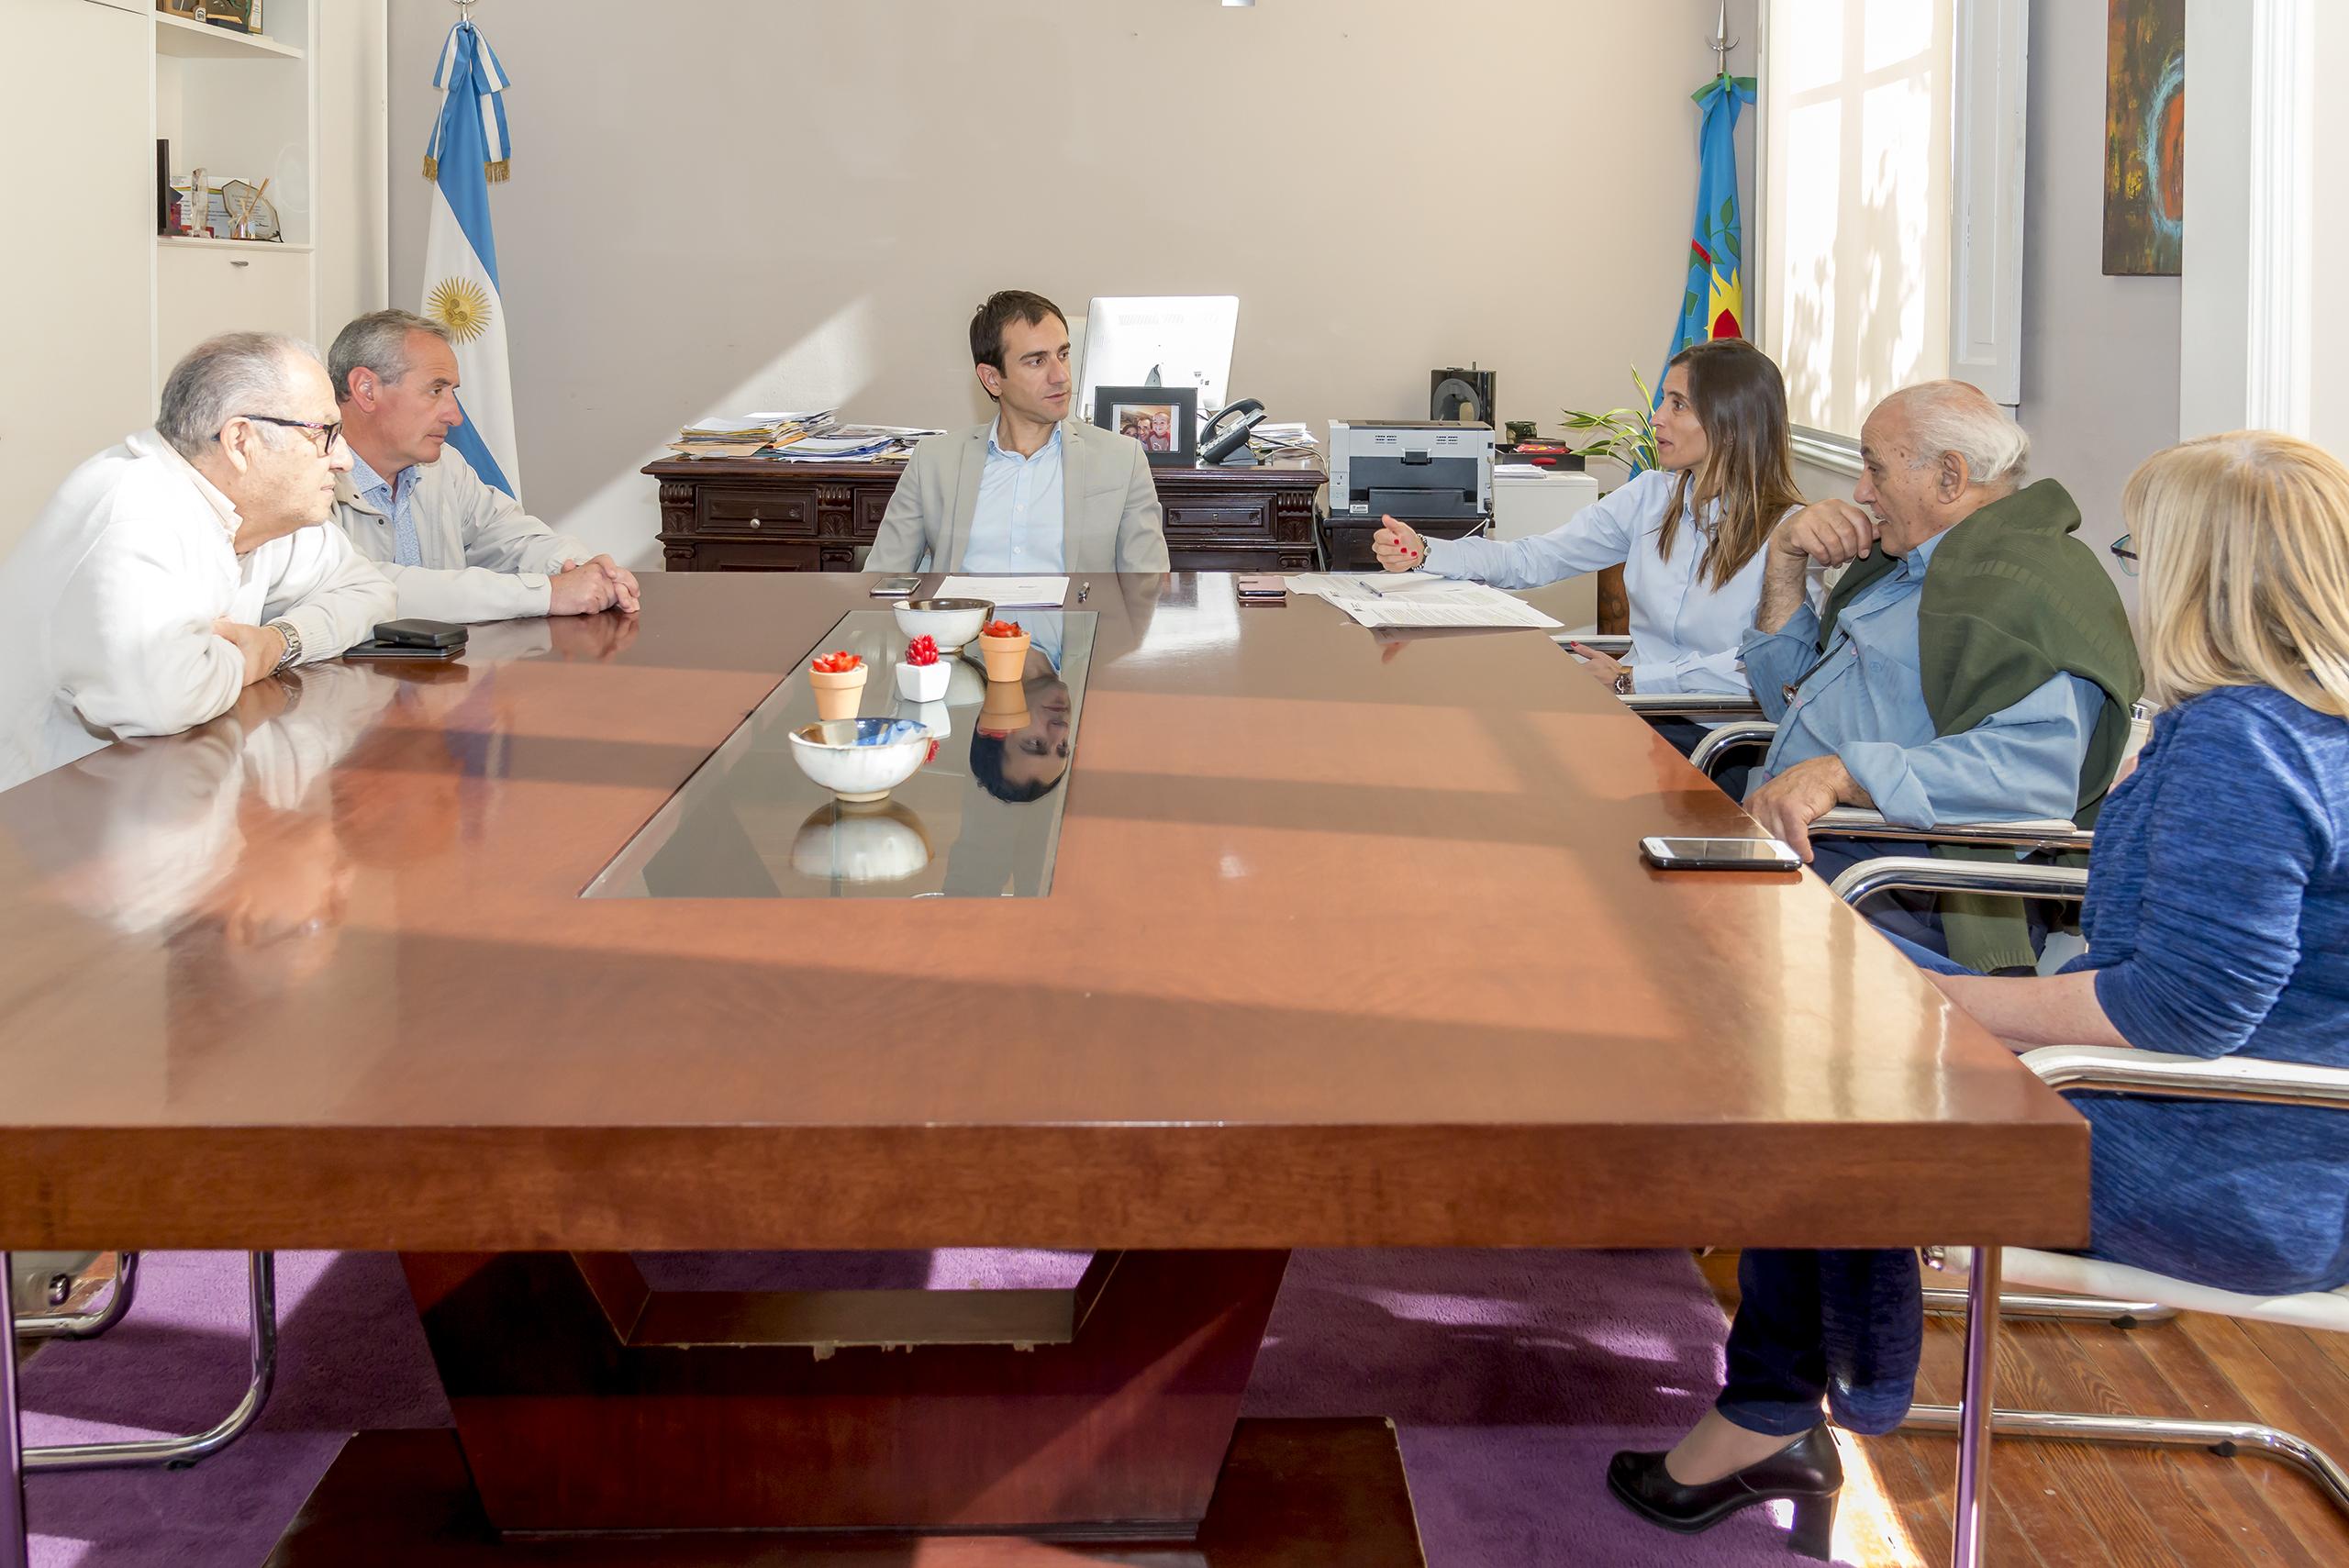 En la imagen se observa al Intendente Pablo Petrecca junto a funcionarios y dirigentes reunidos en el despacho municipal.